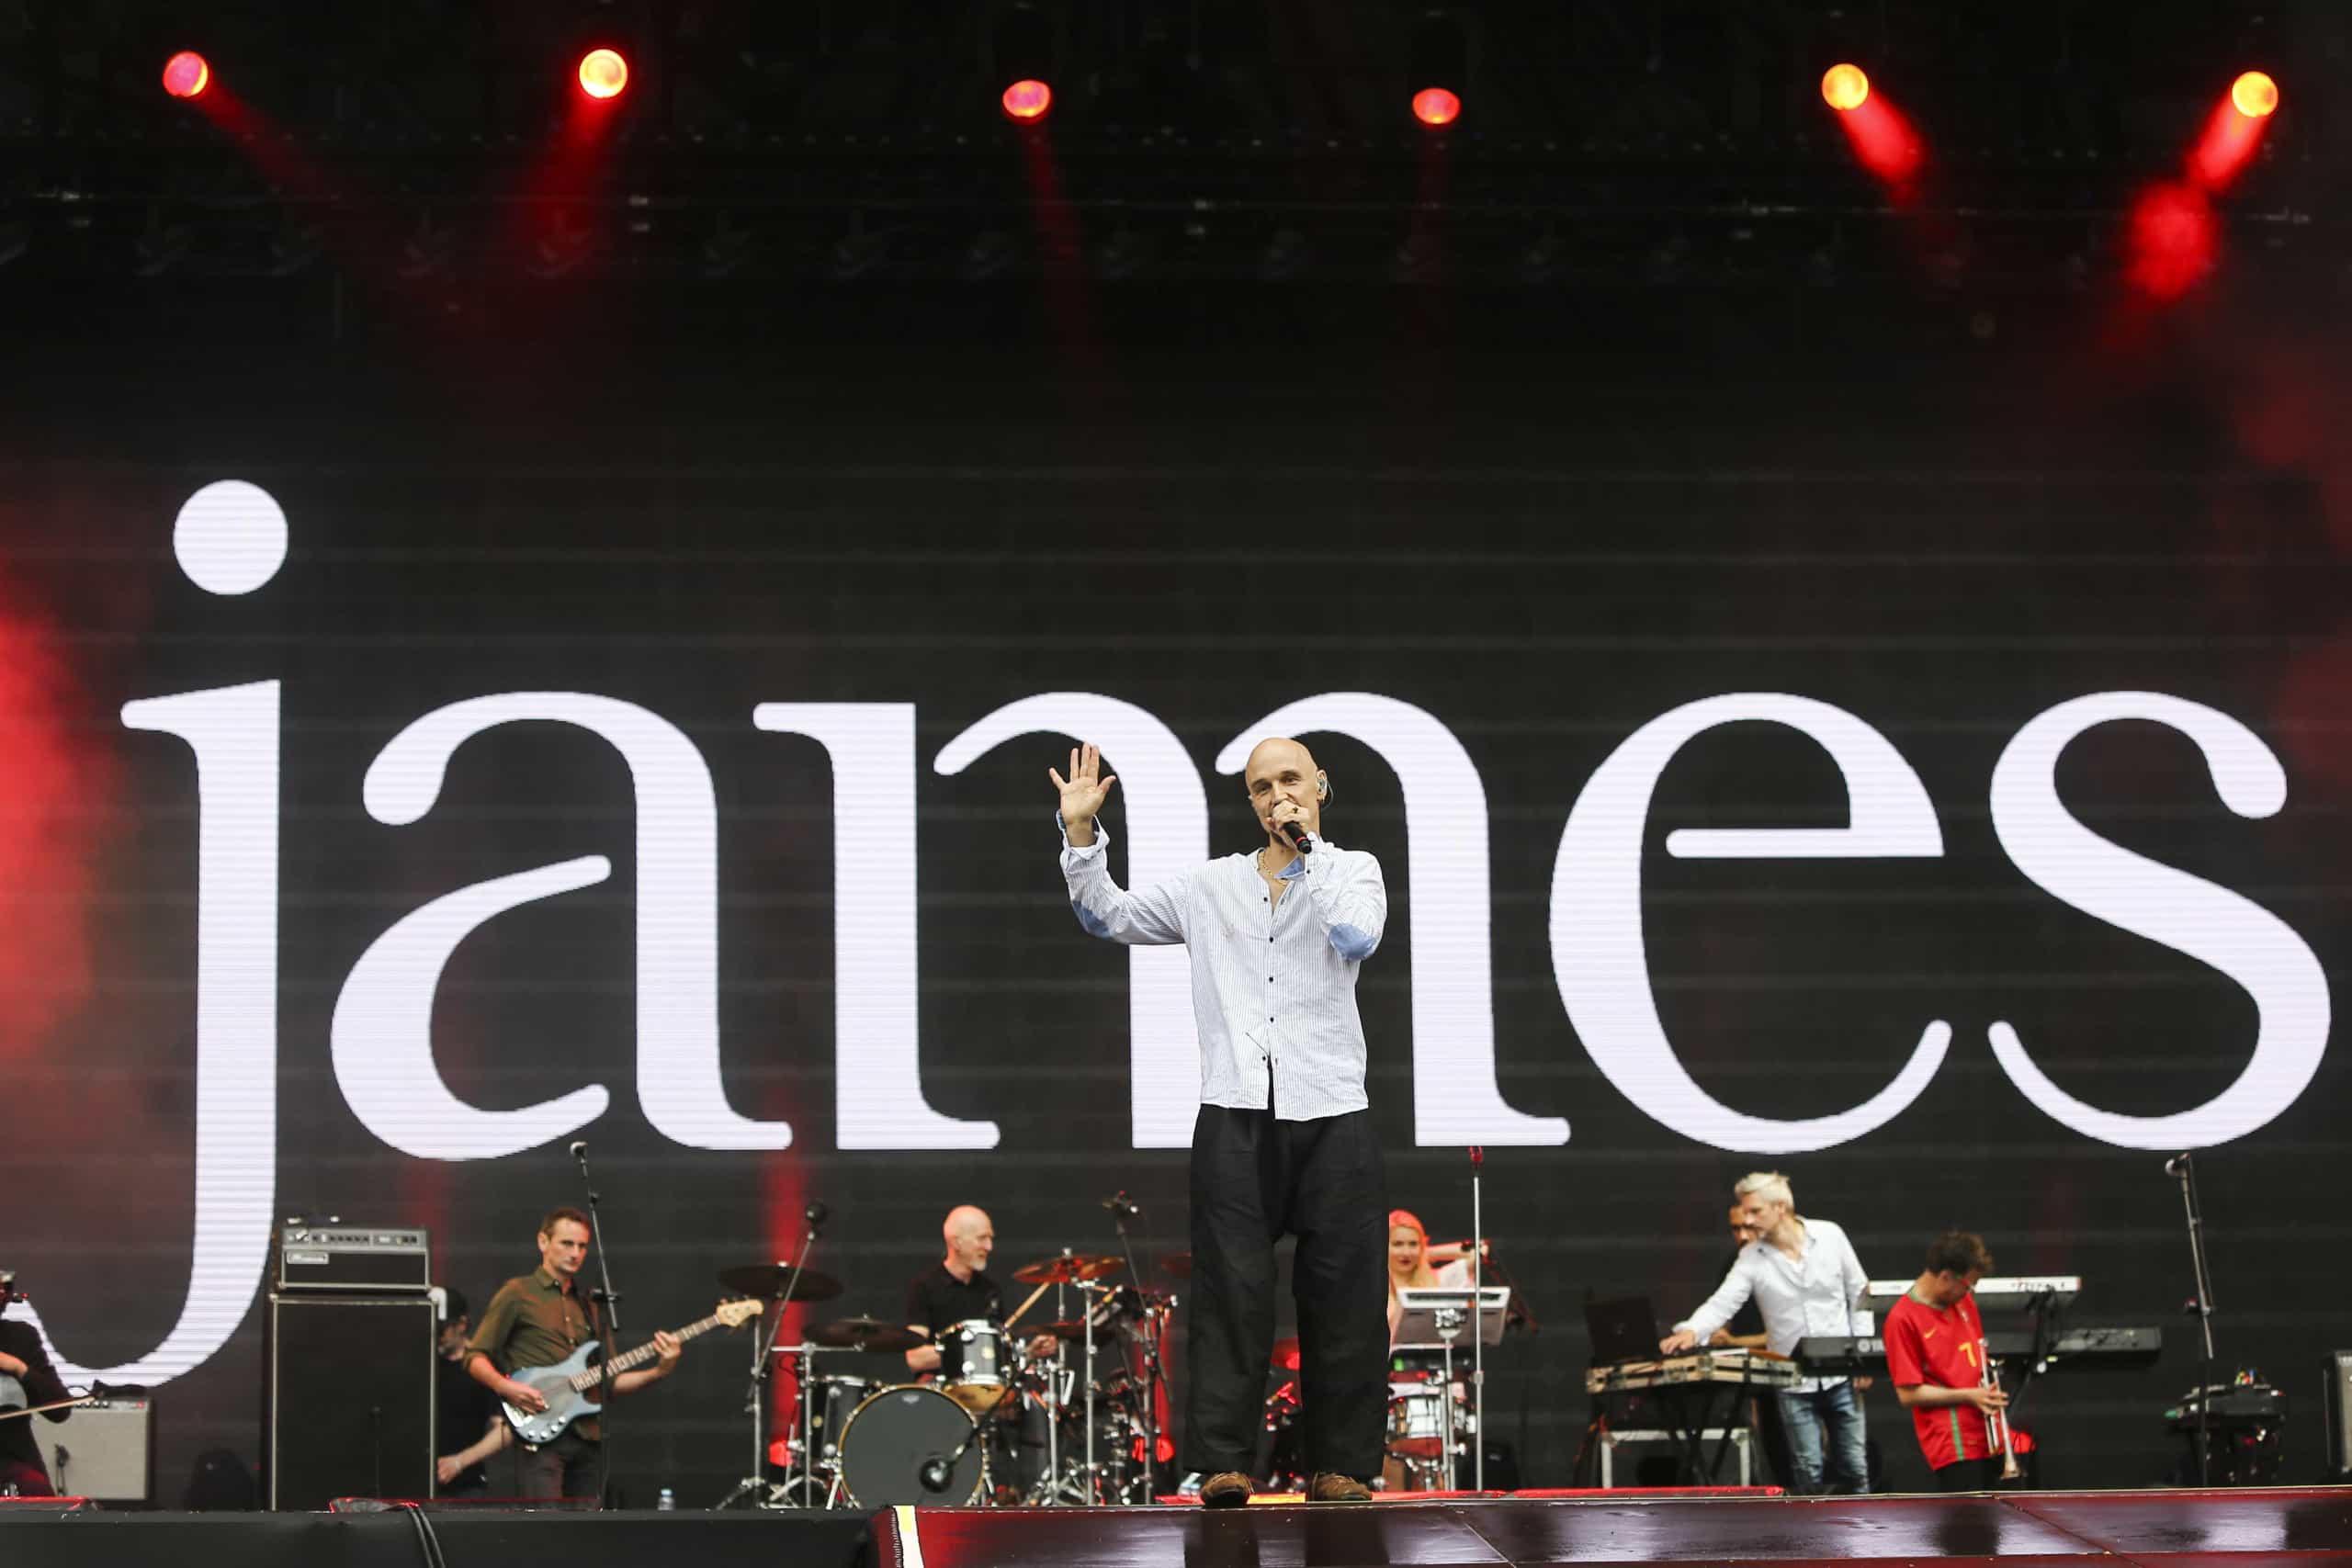 James regressam a Portugal em 2019 para atuarem nos Coliseus